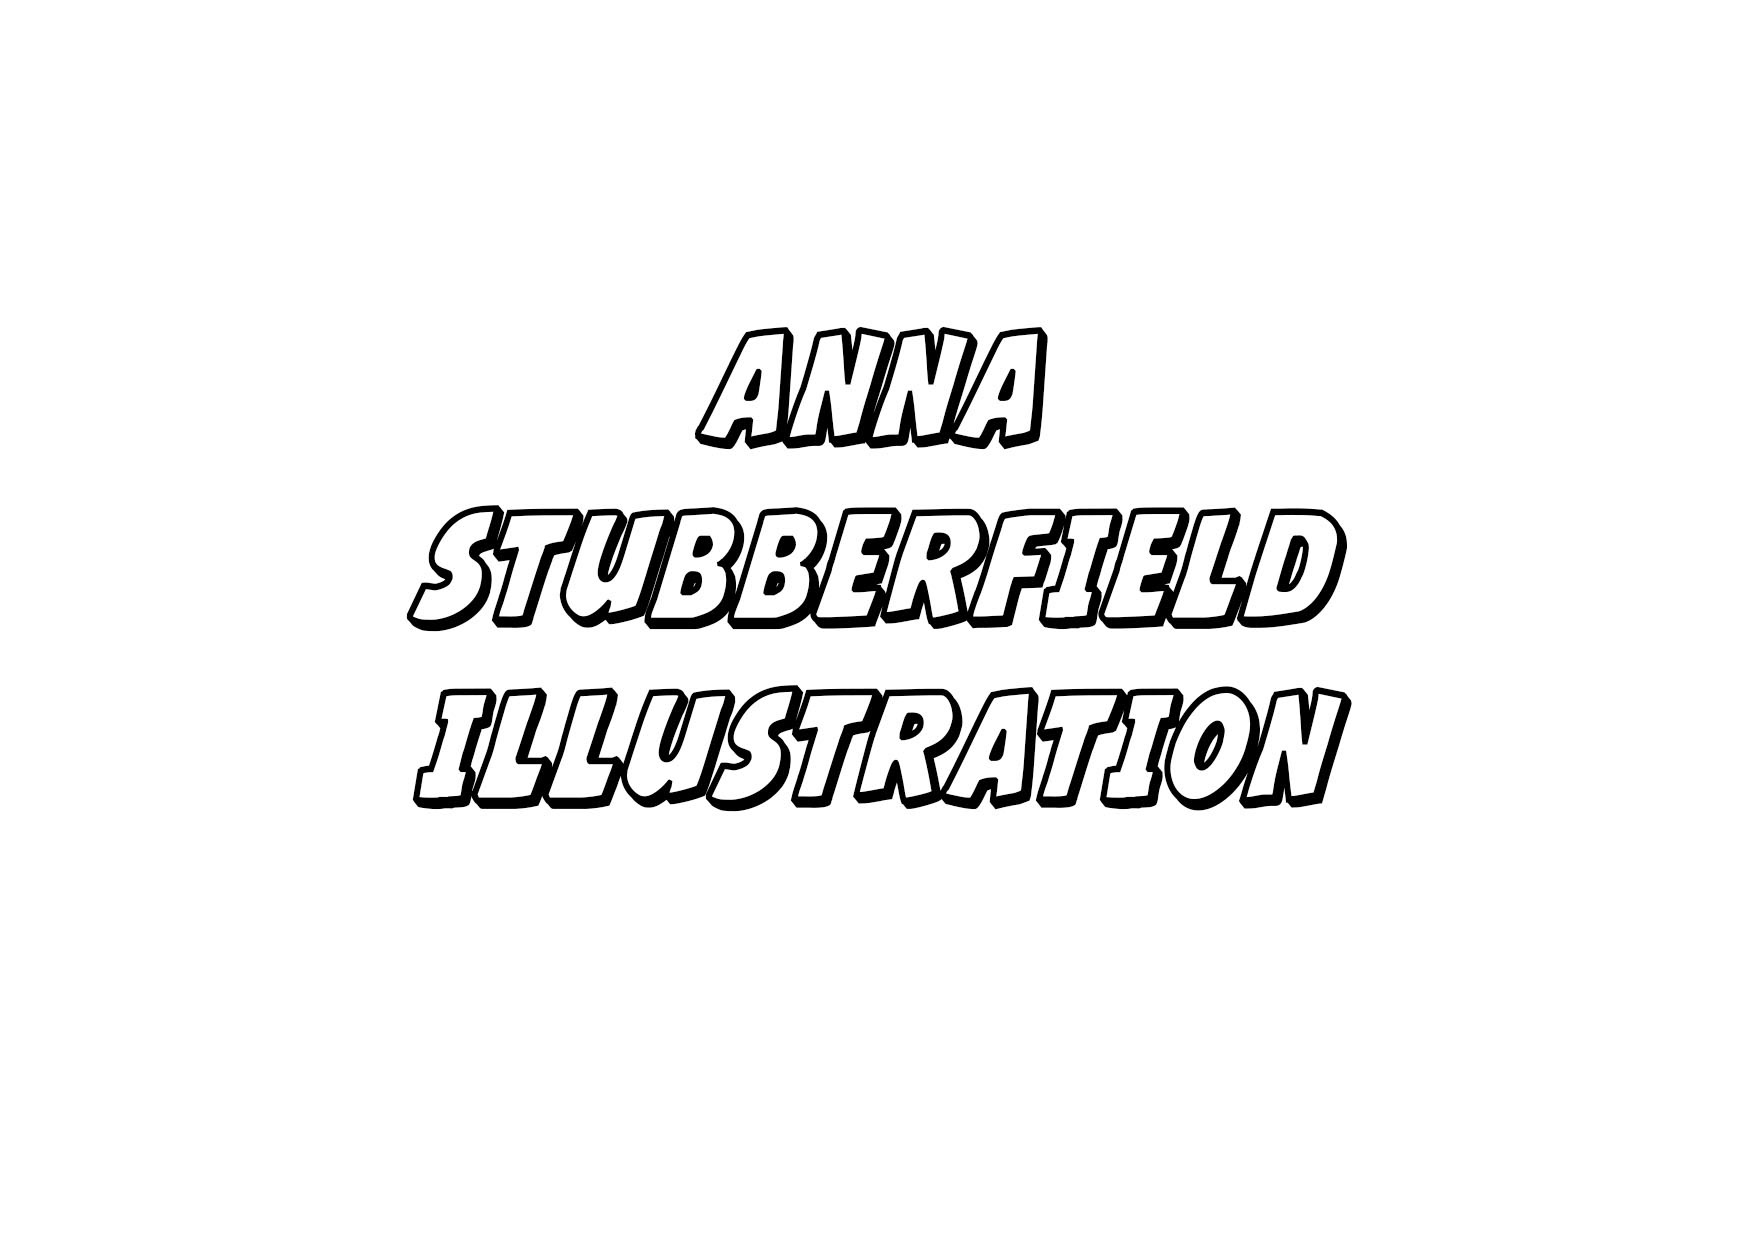 Anna stubberfield